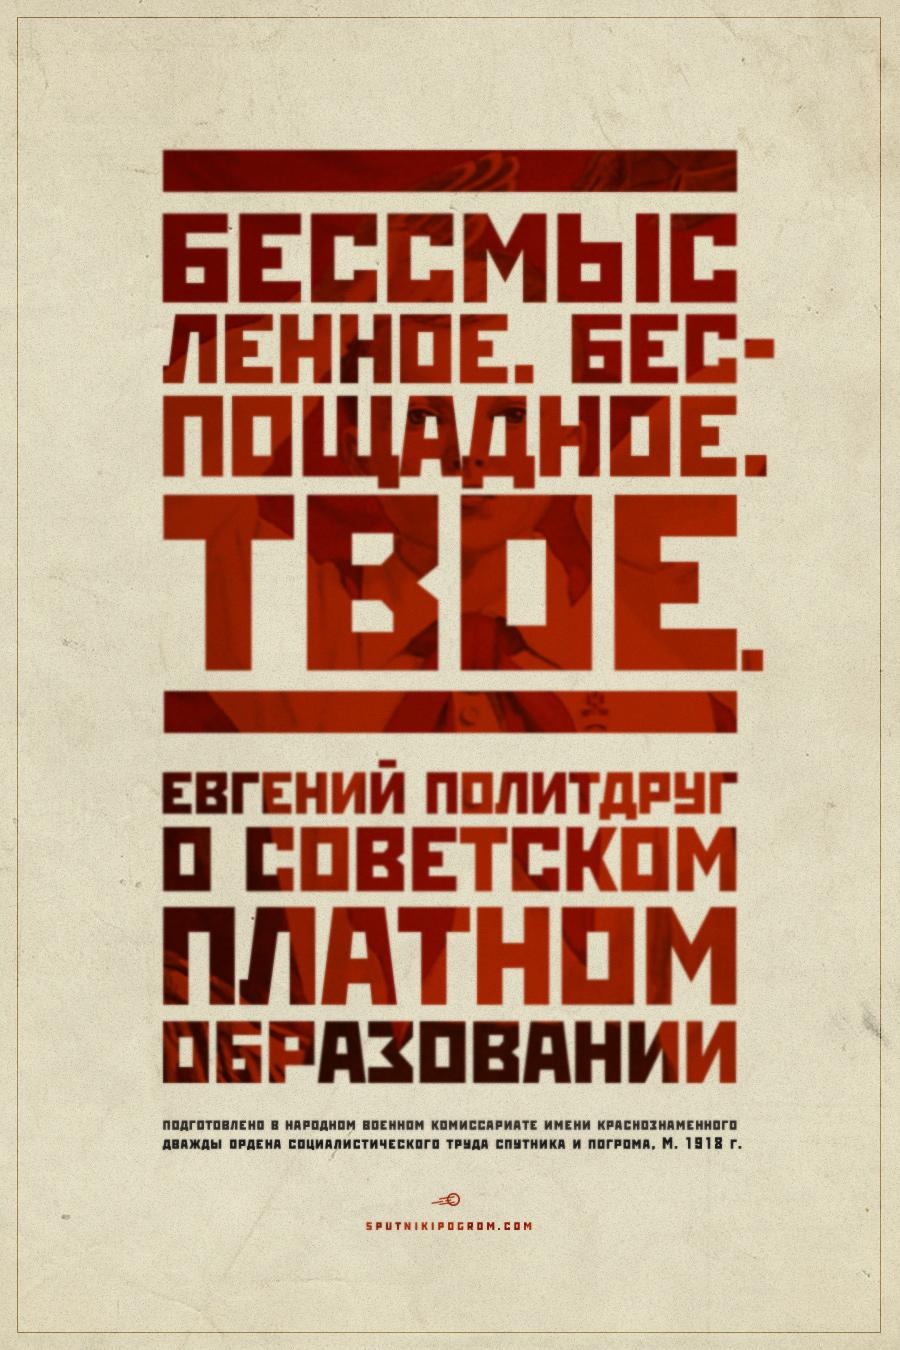 soviet-freemium-education